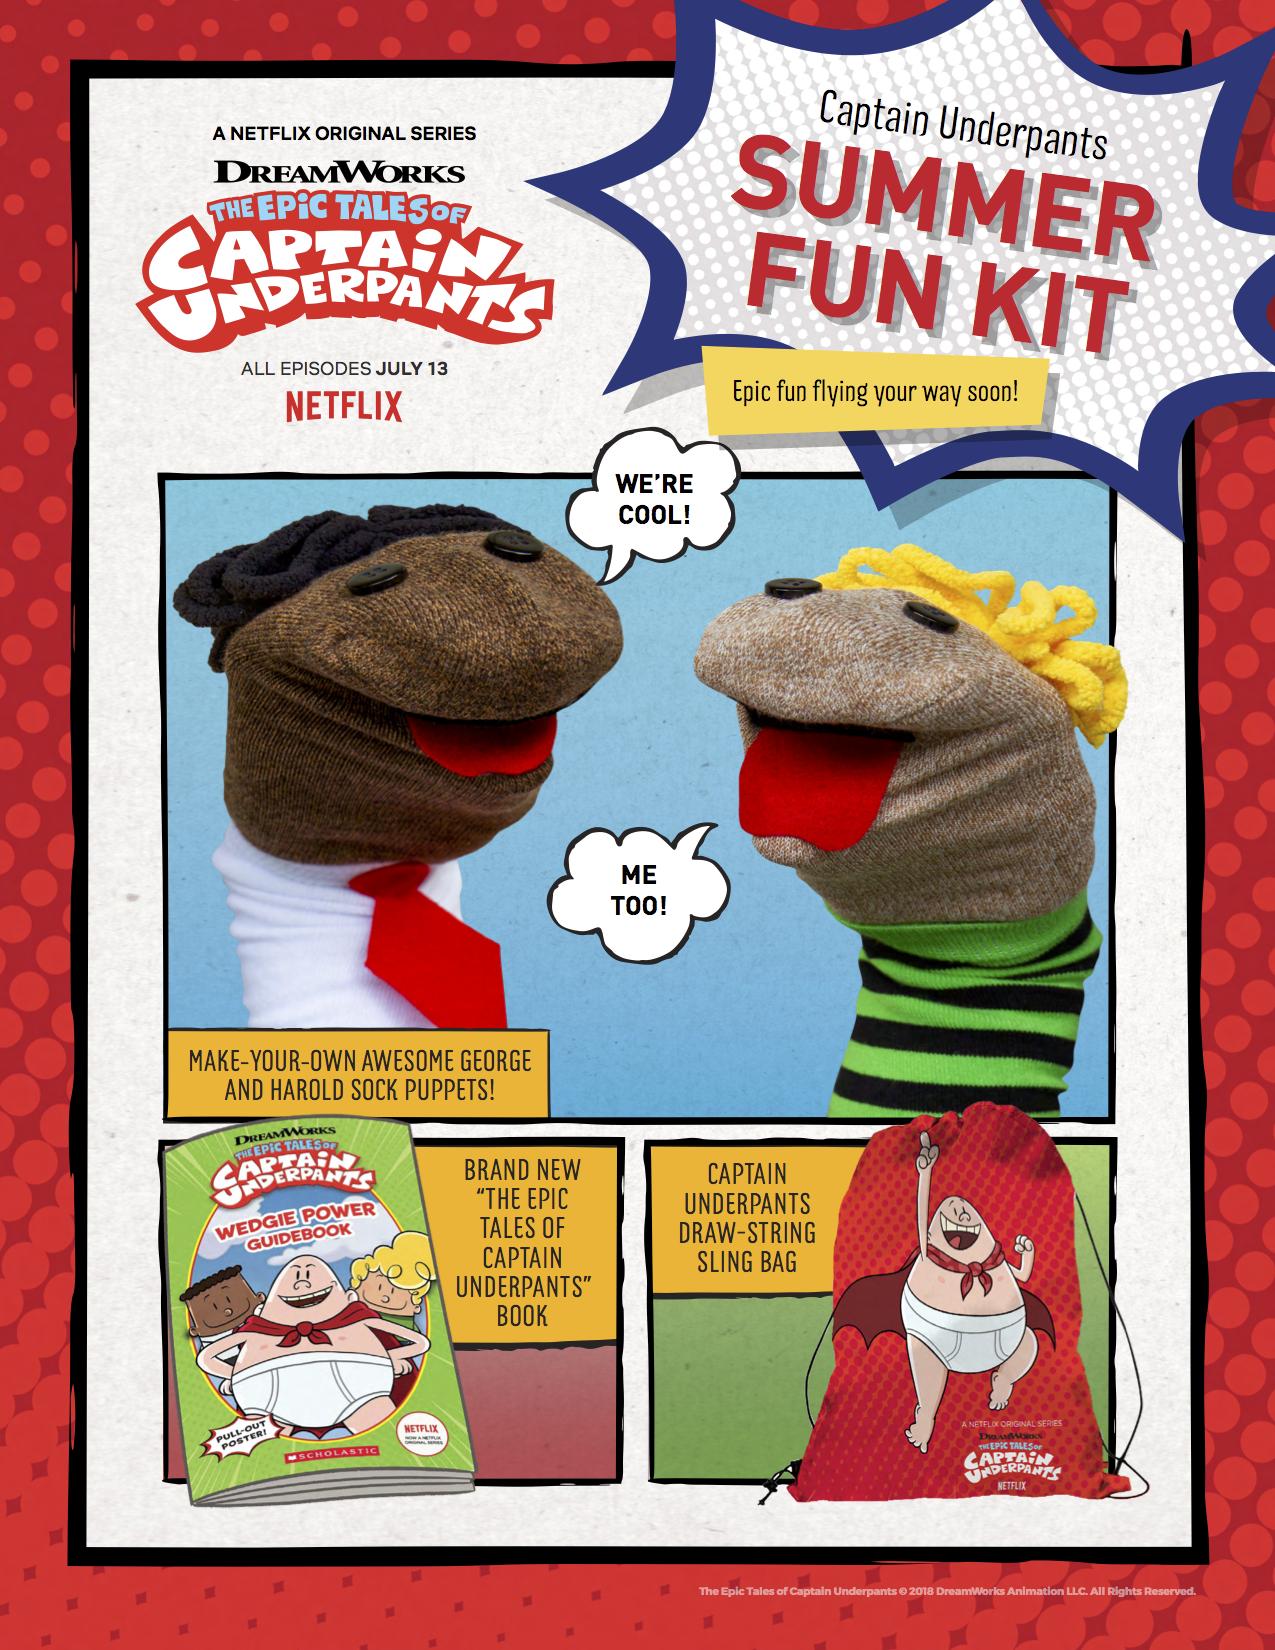 #Win a Captain Underpants Kit